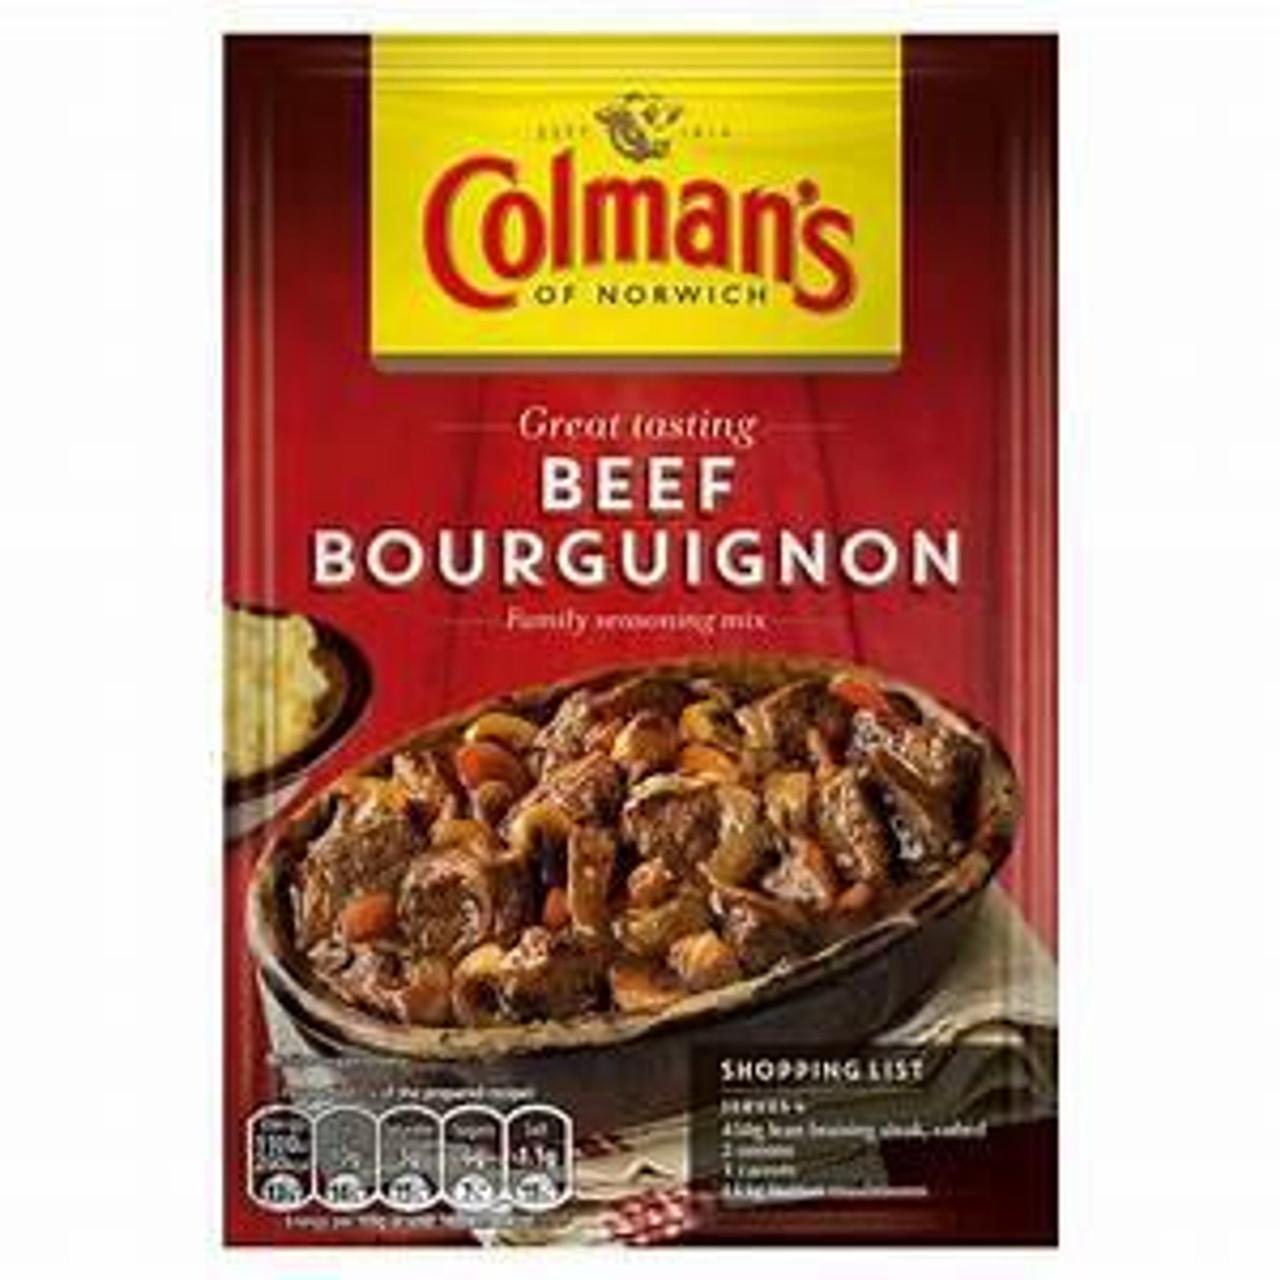 Colman's Beef Bourguignon Mix, 40g